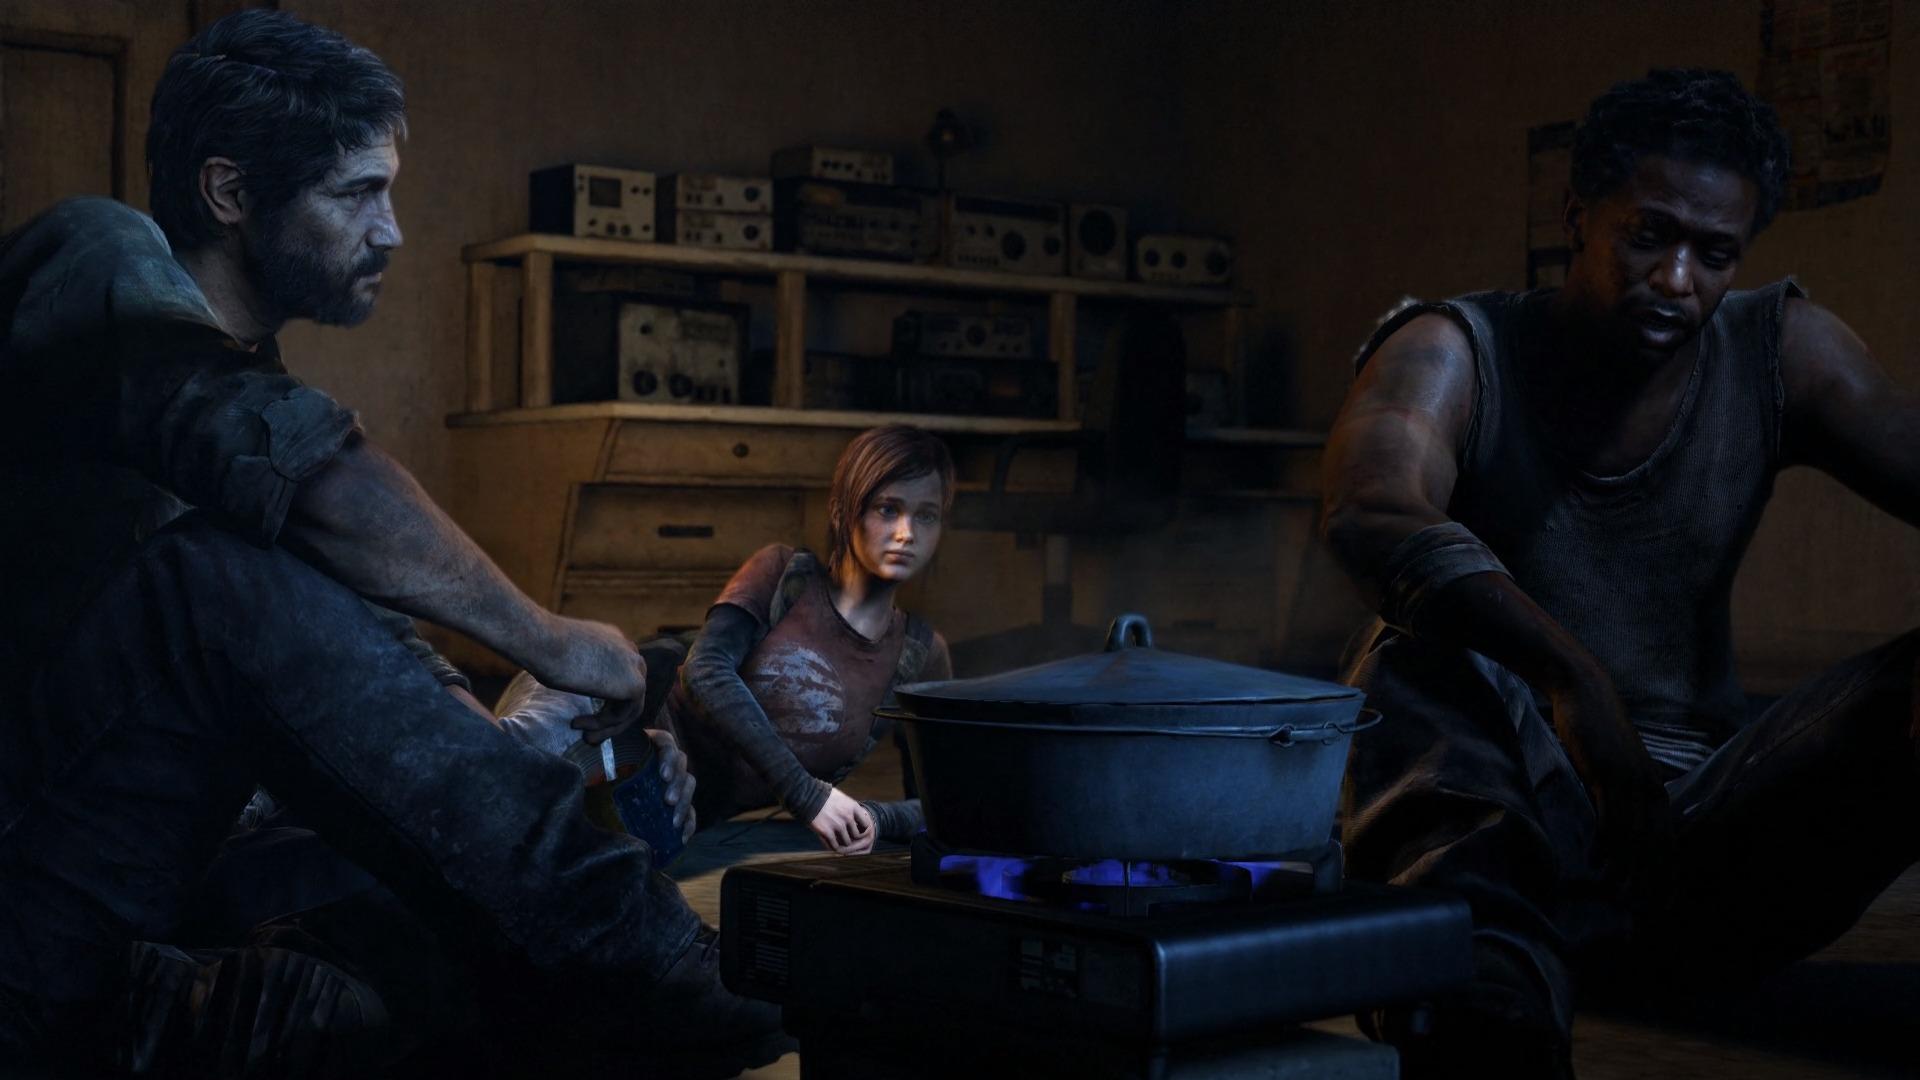 210 The Last Of Us Papéis De Parede Hd: Vídeo Game The Last Of Us Papel De Parede